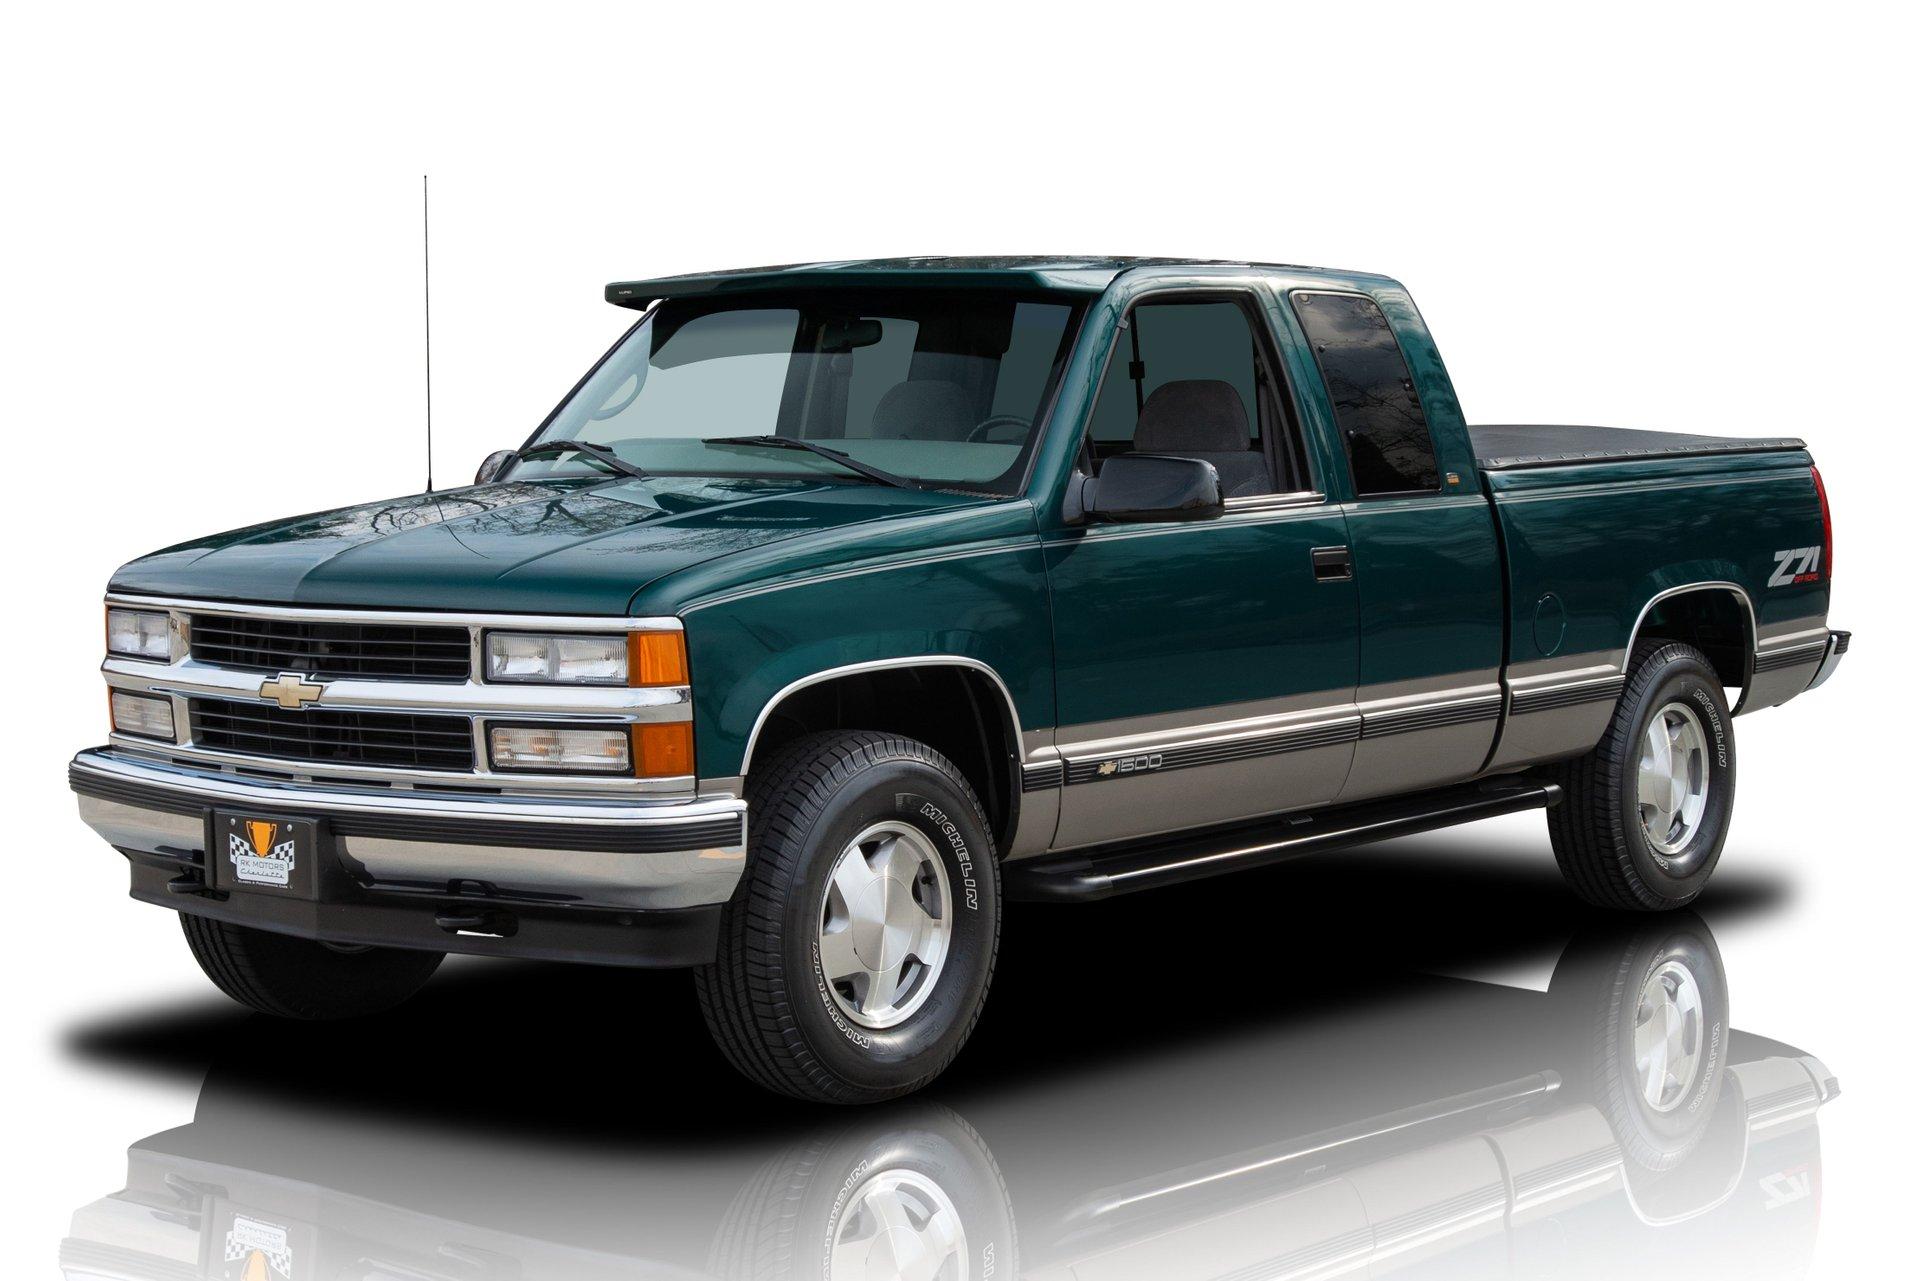 1998 chevrolet k 1500 silverado z71 pickup truck